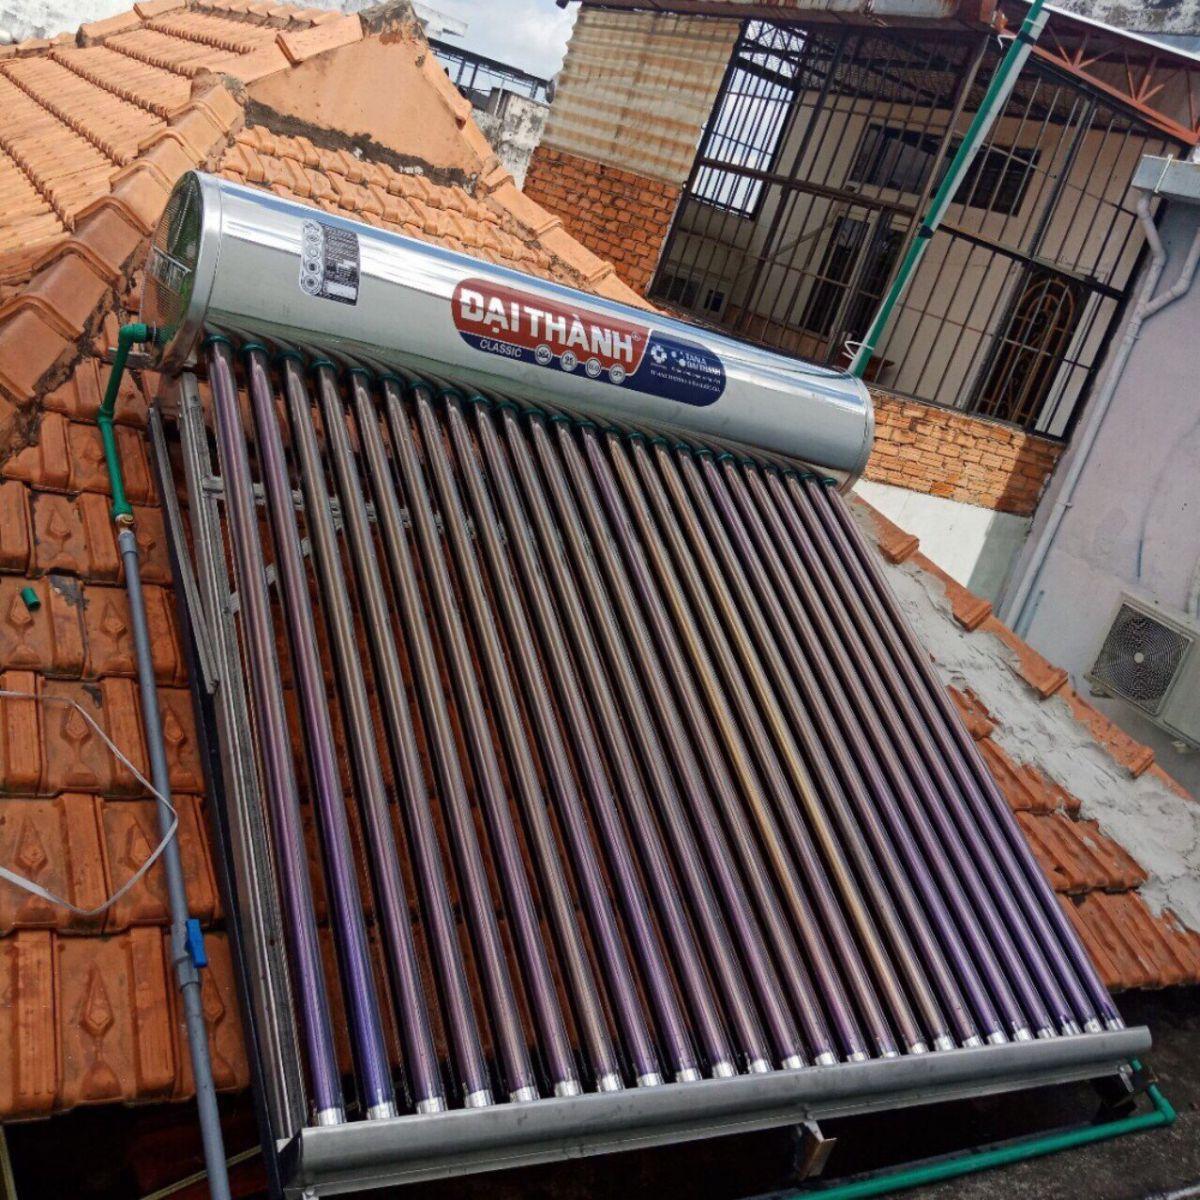 Hình ảnh máy nước nóng năng lượng mặt trời lắp trên mái ngói tại Quận 8.